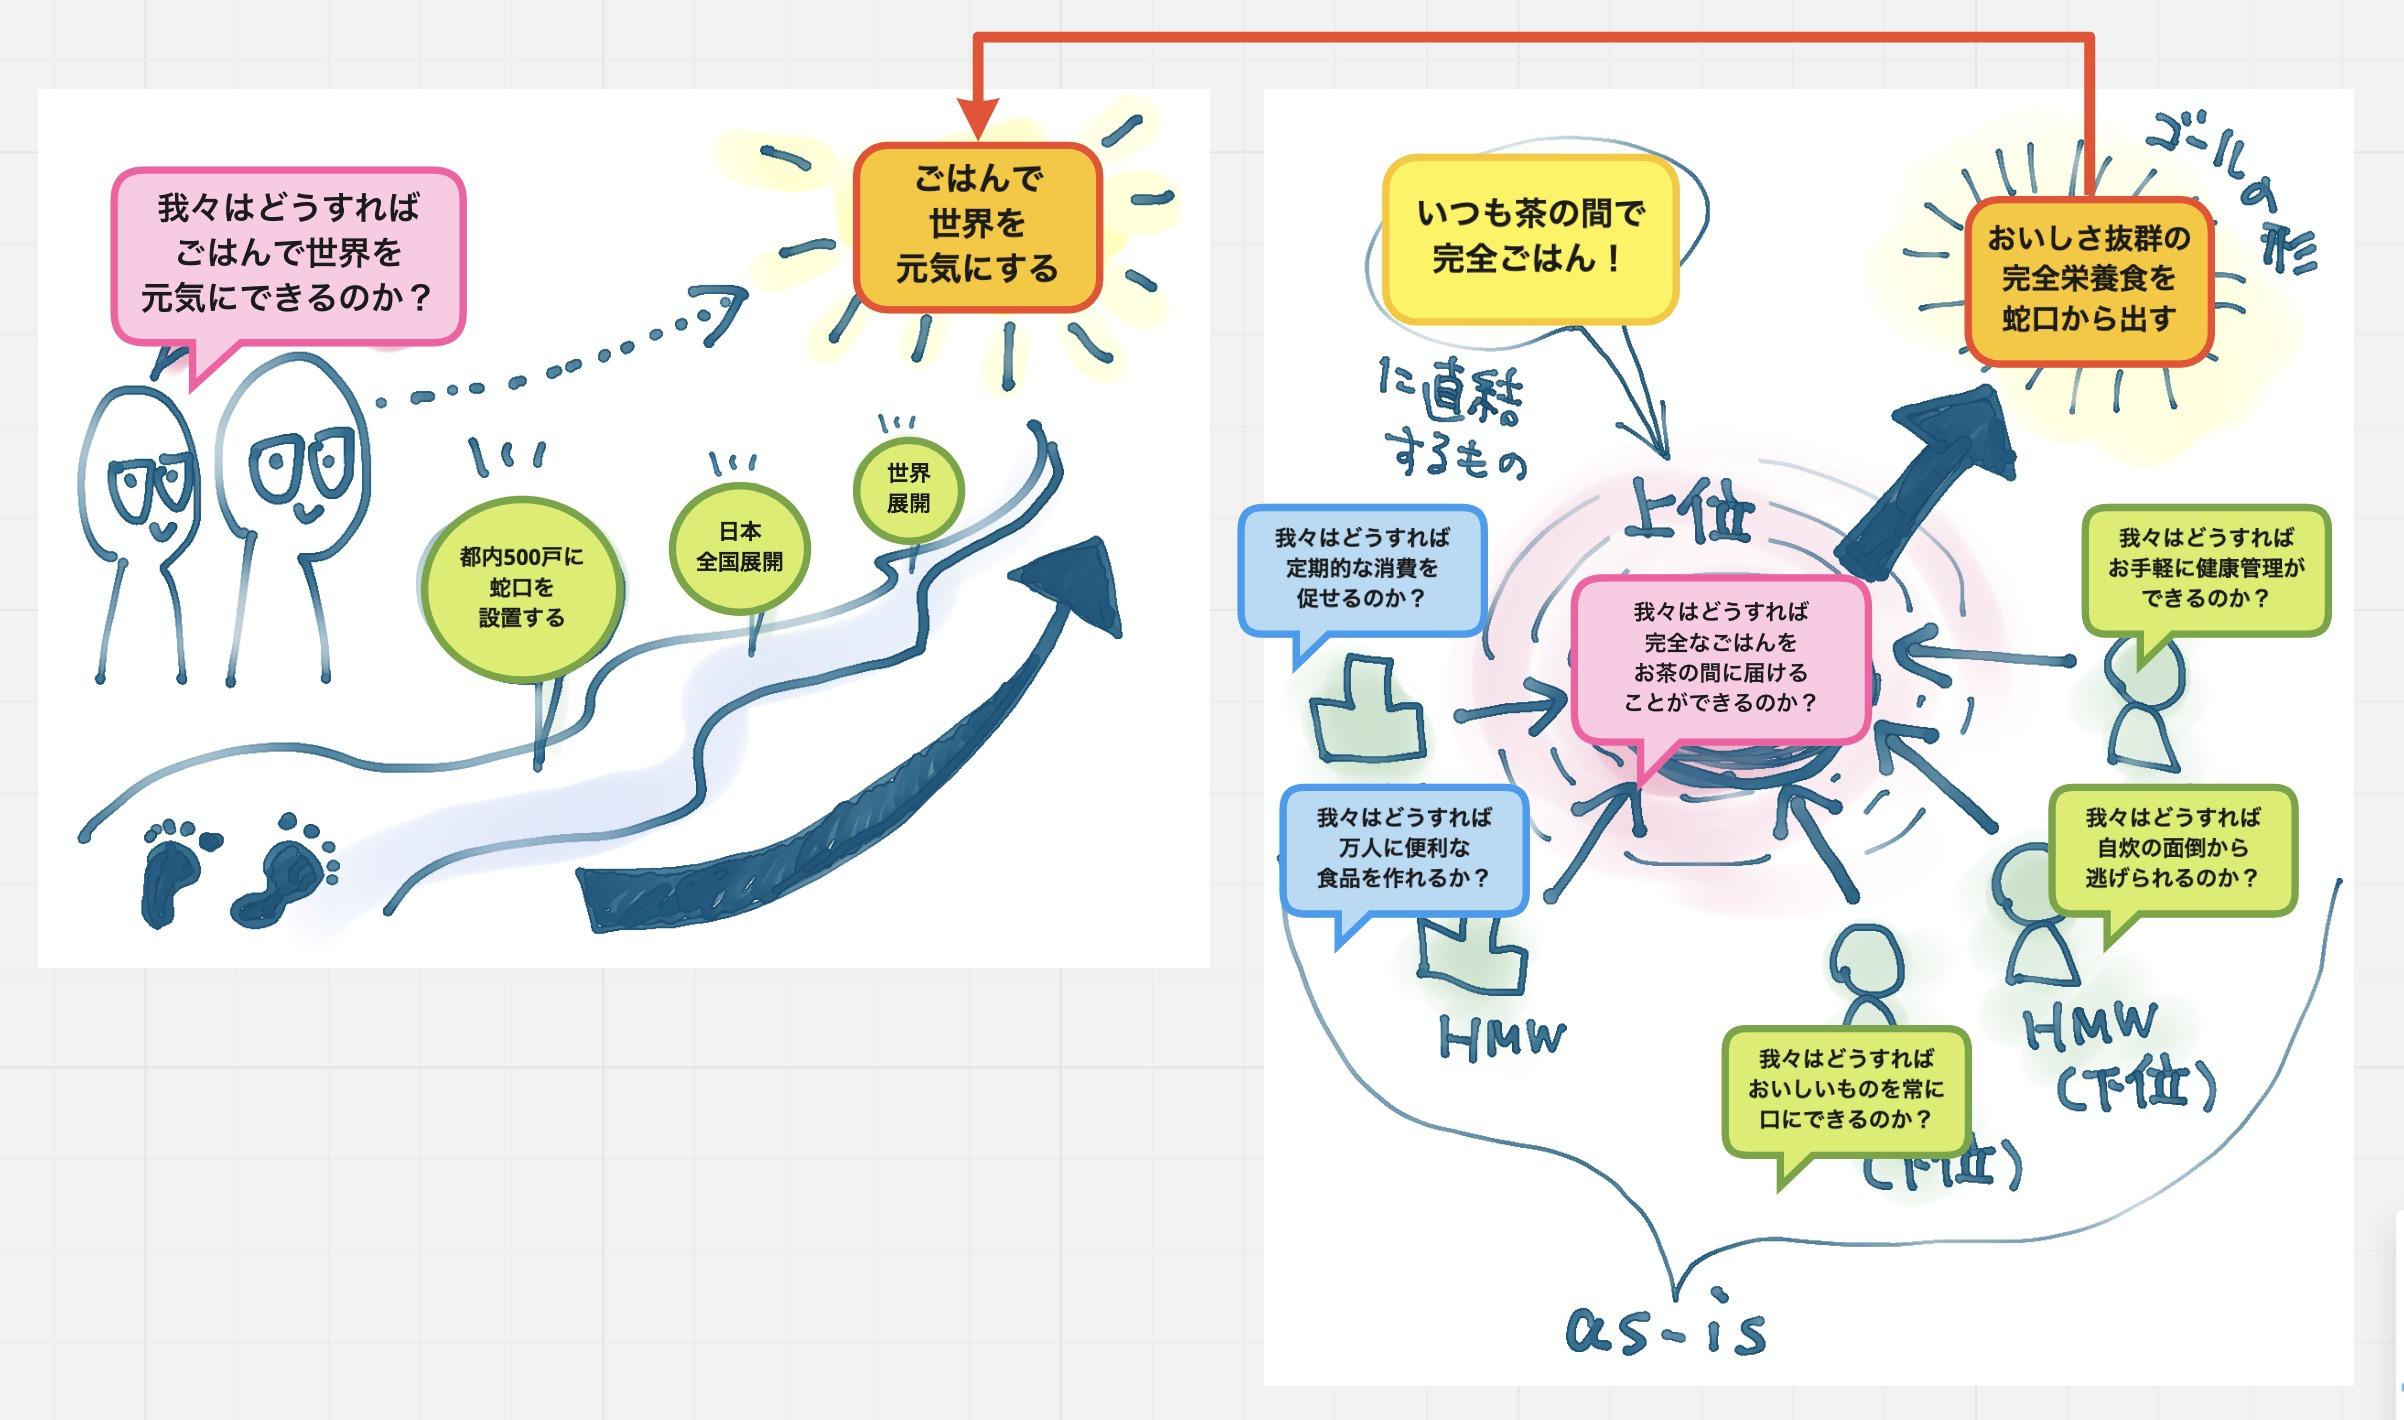 アイキャッチ画像:チームとプロセス支援に重点を置く新規事業開発の現場でビジョンマップをどう活用するのか